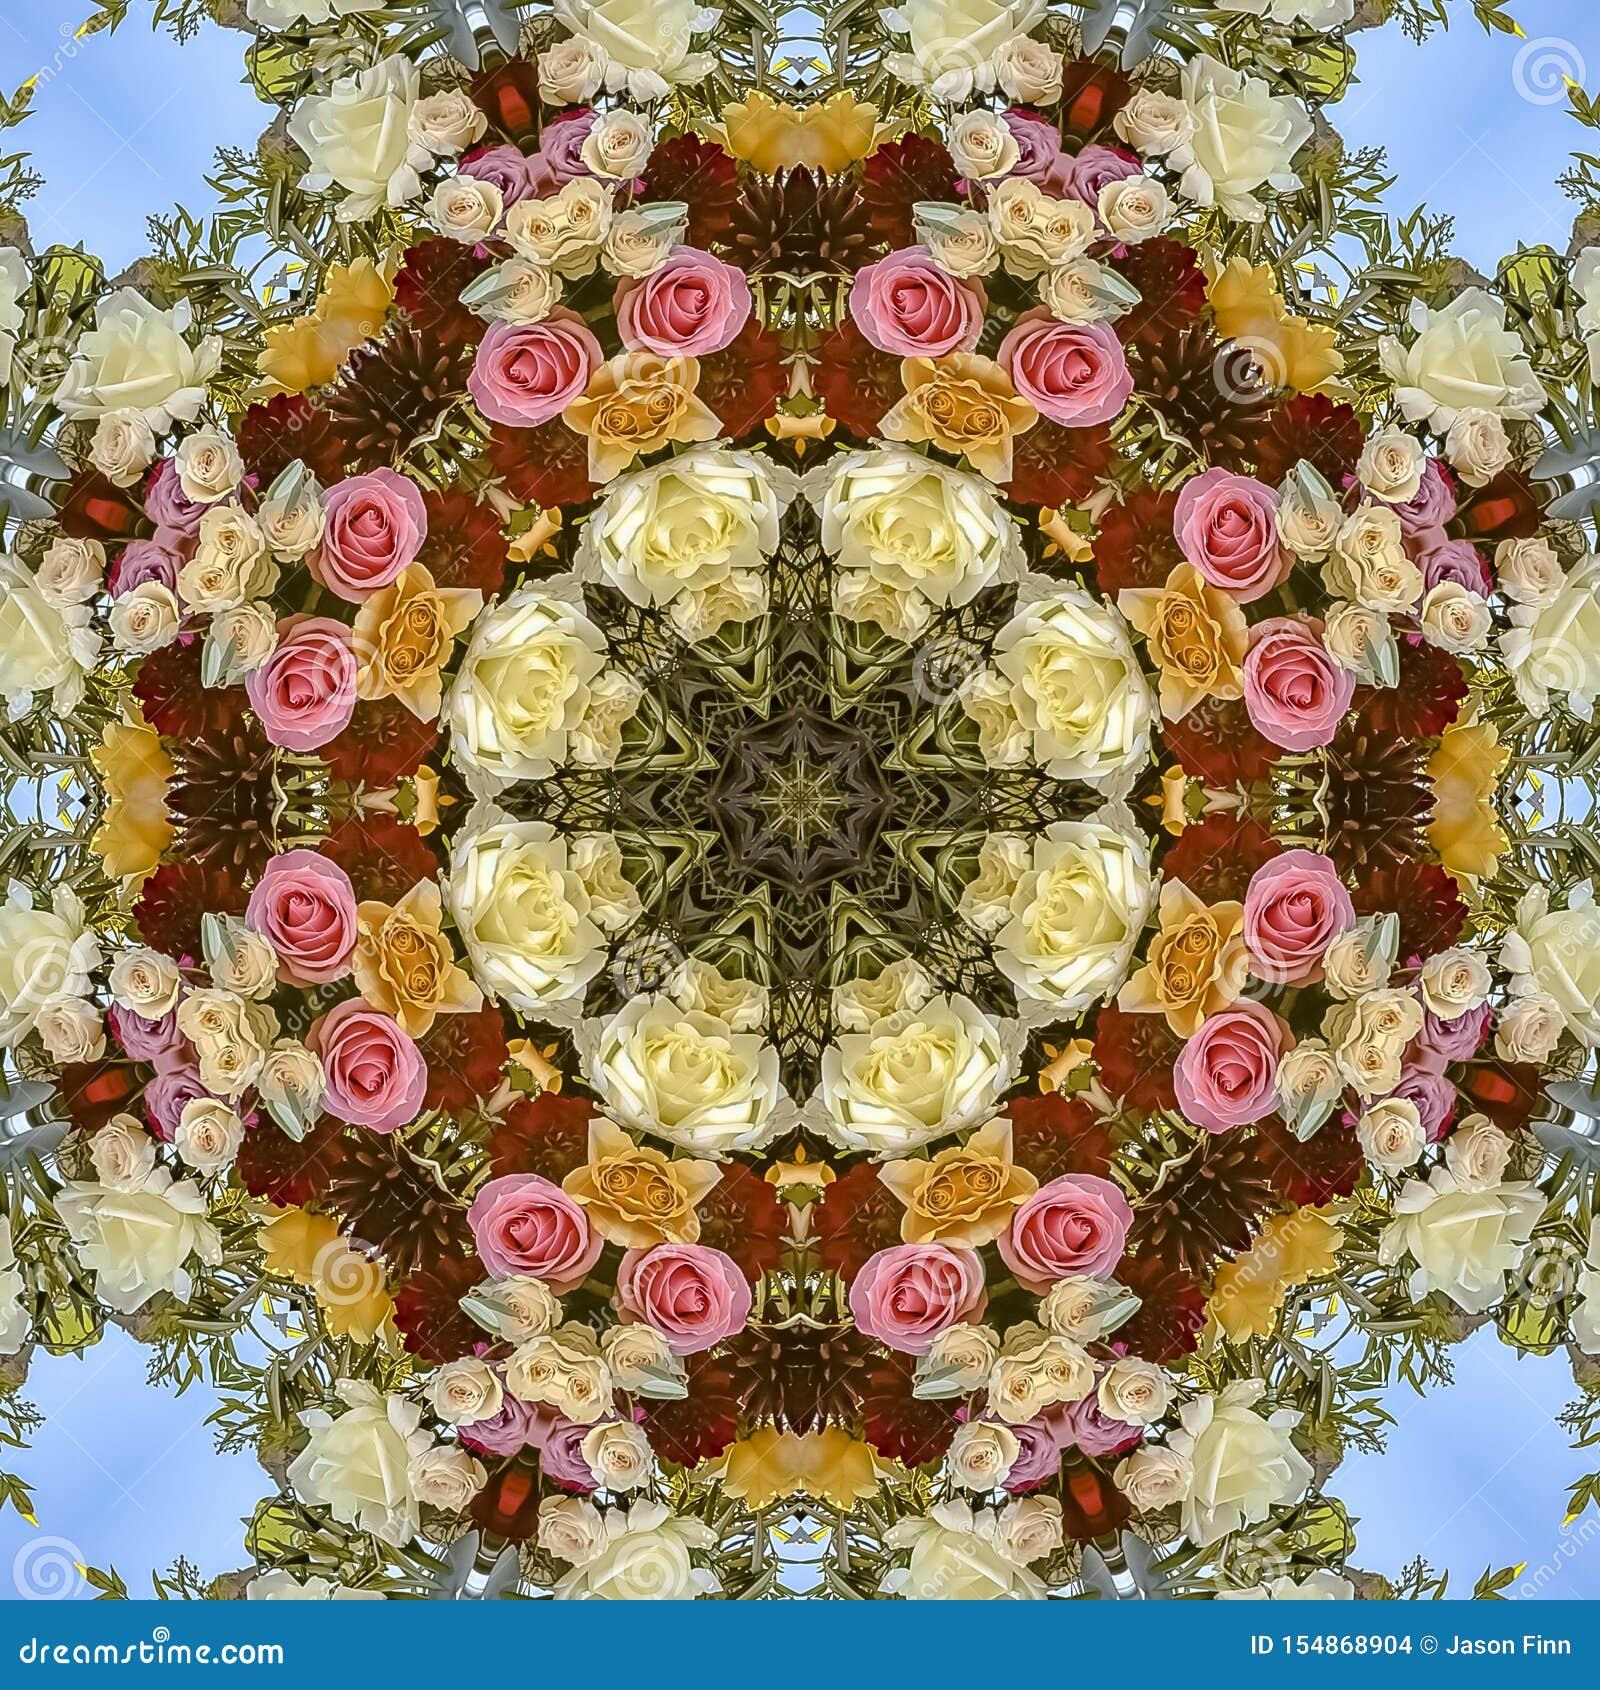 Affichage intéressant de place des fleurs dans la disposition circulaire au mariage en Californie